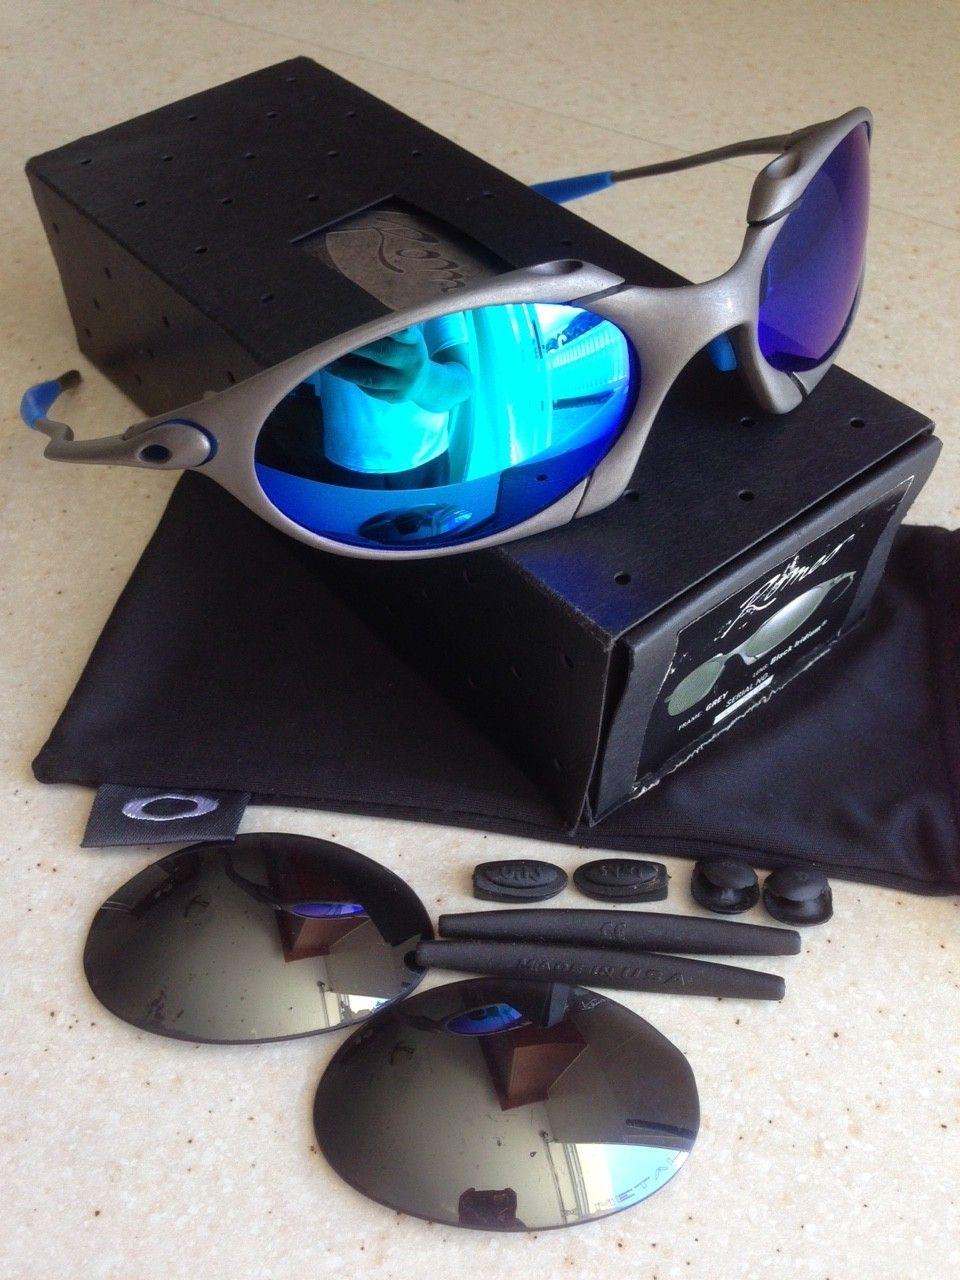 Romeo 1 X-Metal / Black Iridium with # Matching Box & Coin *Price Lowered*!!! - IMG_7696.JPG